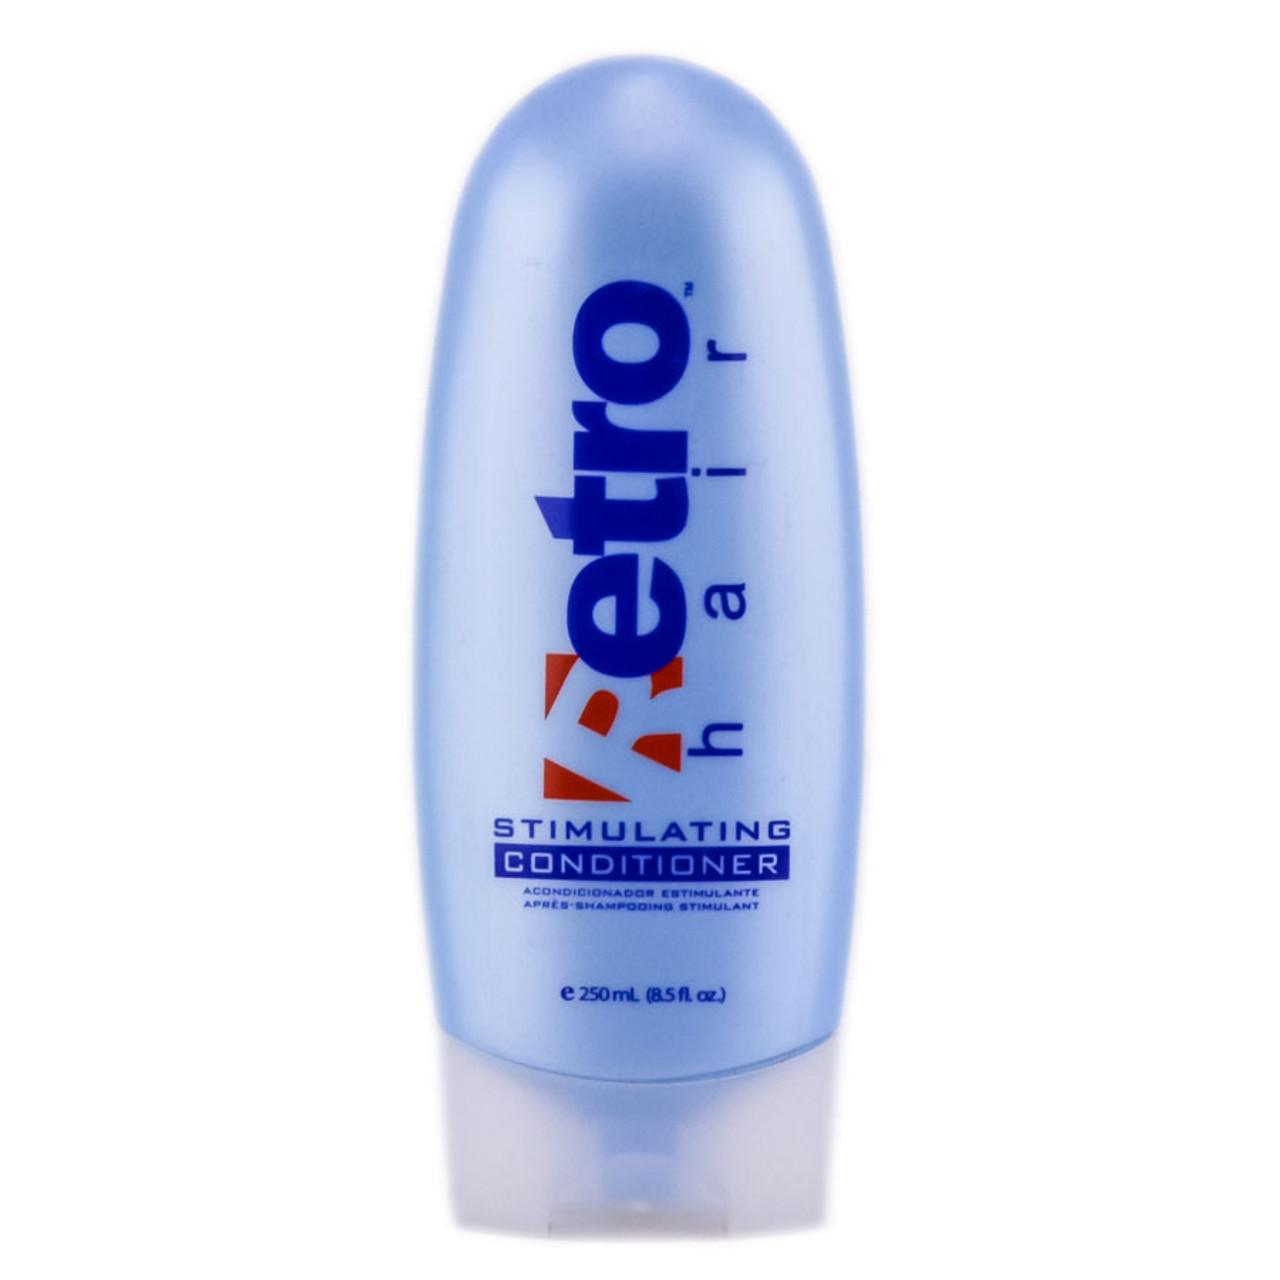 Retro Hair Stimulating Shampoo Sleekshop Formerly Sleekhair